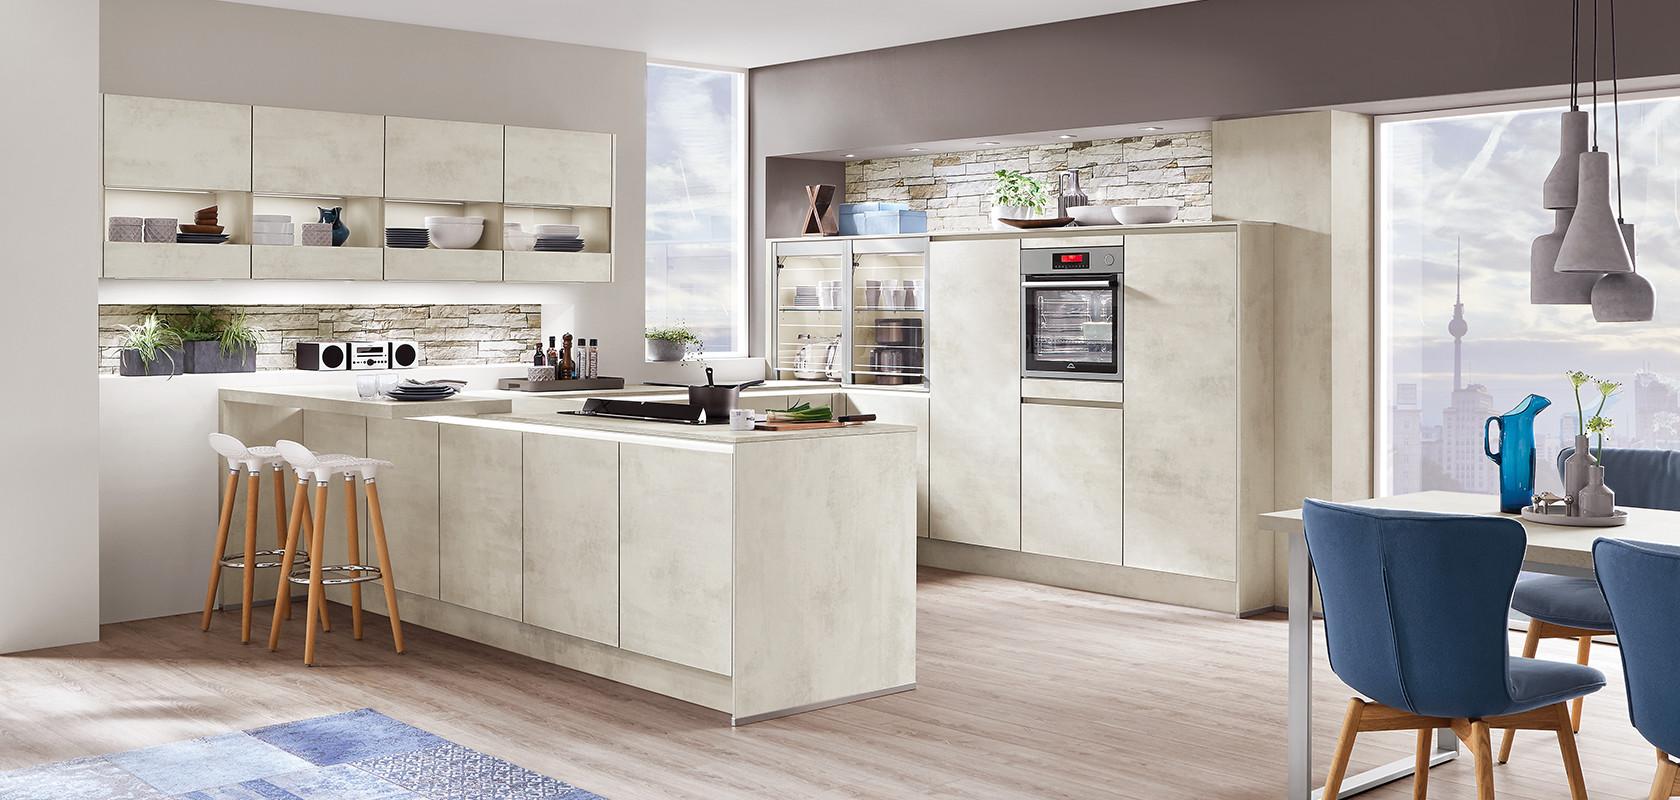 Full Size of Nobilia Preisliste Kchen 2019 Test Küche Einbauküche Wohnzimmer Nobilia Preisliste